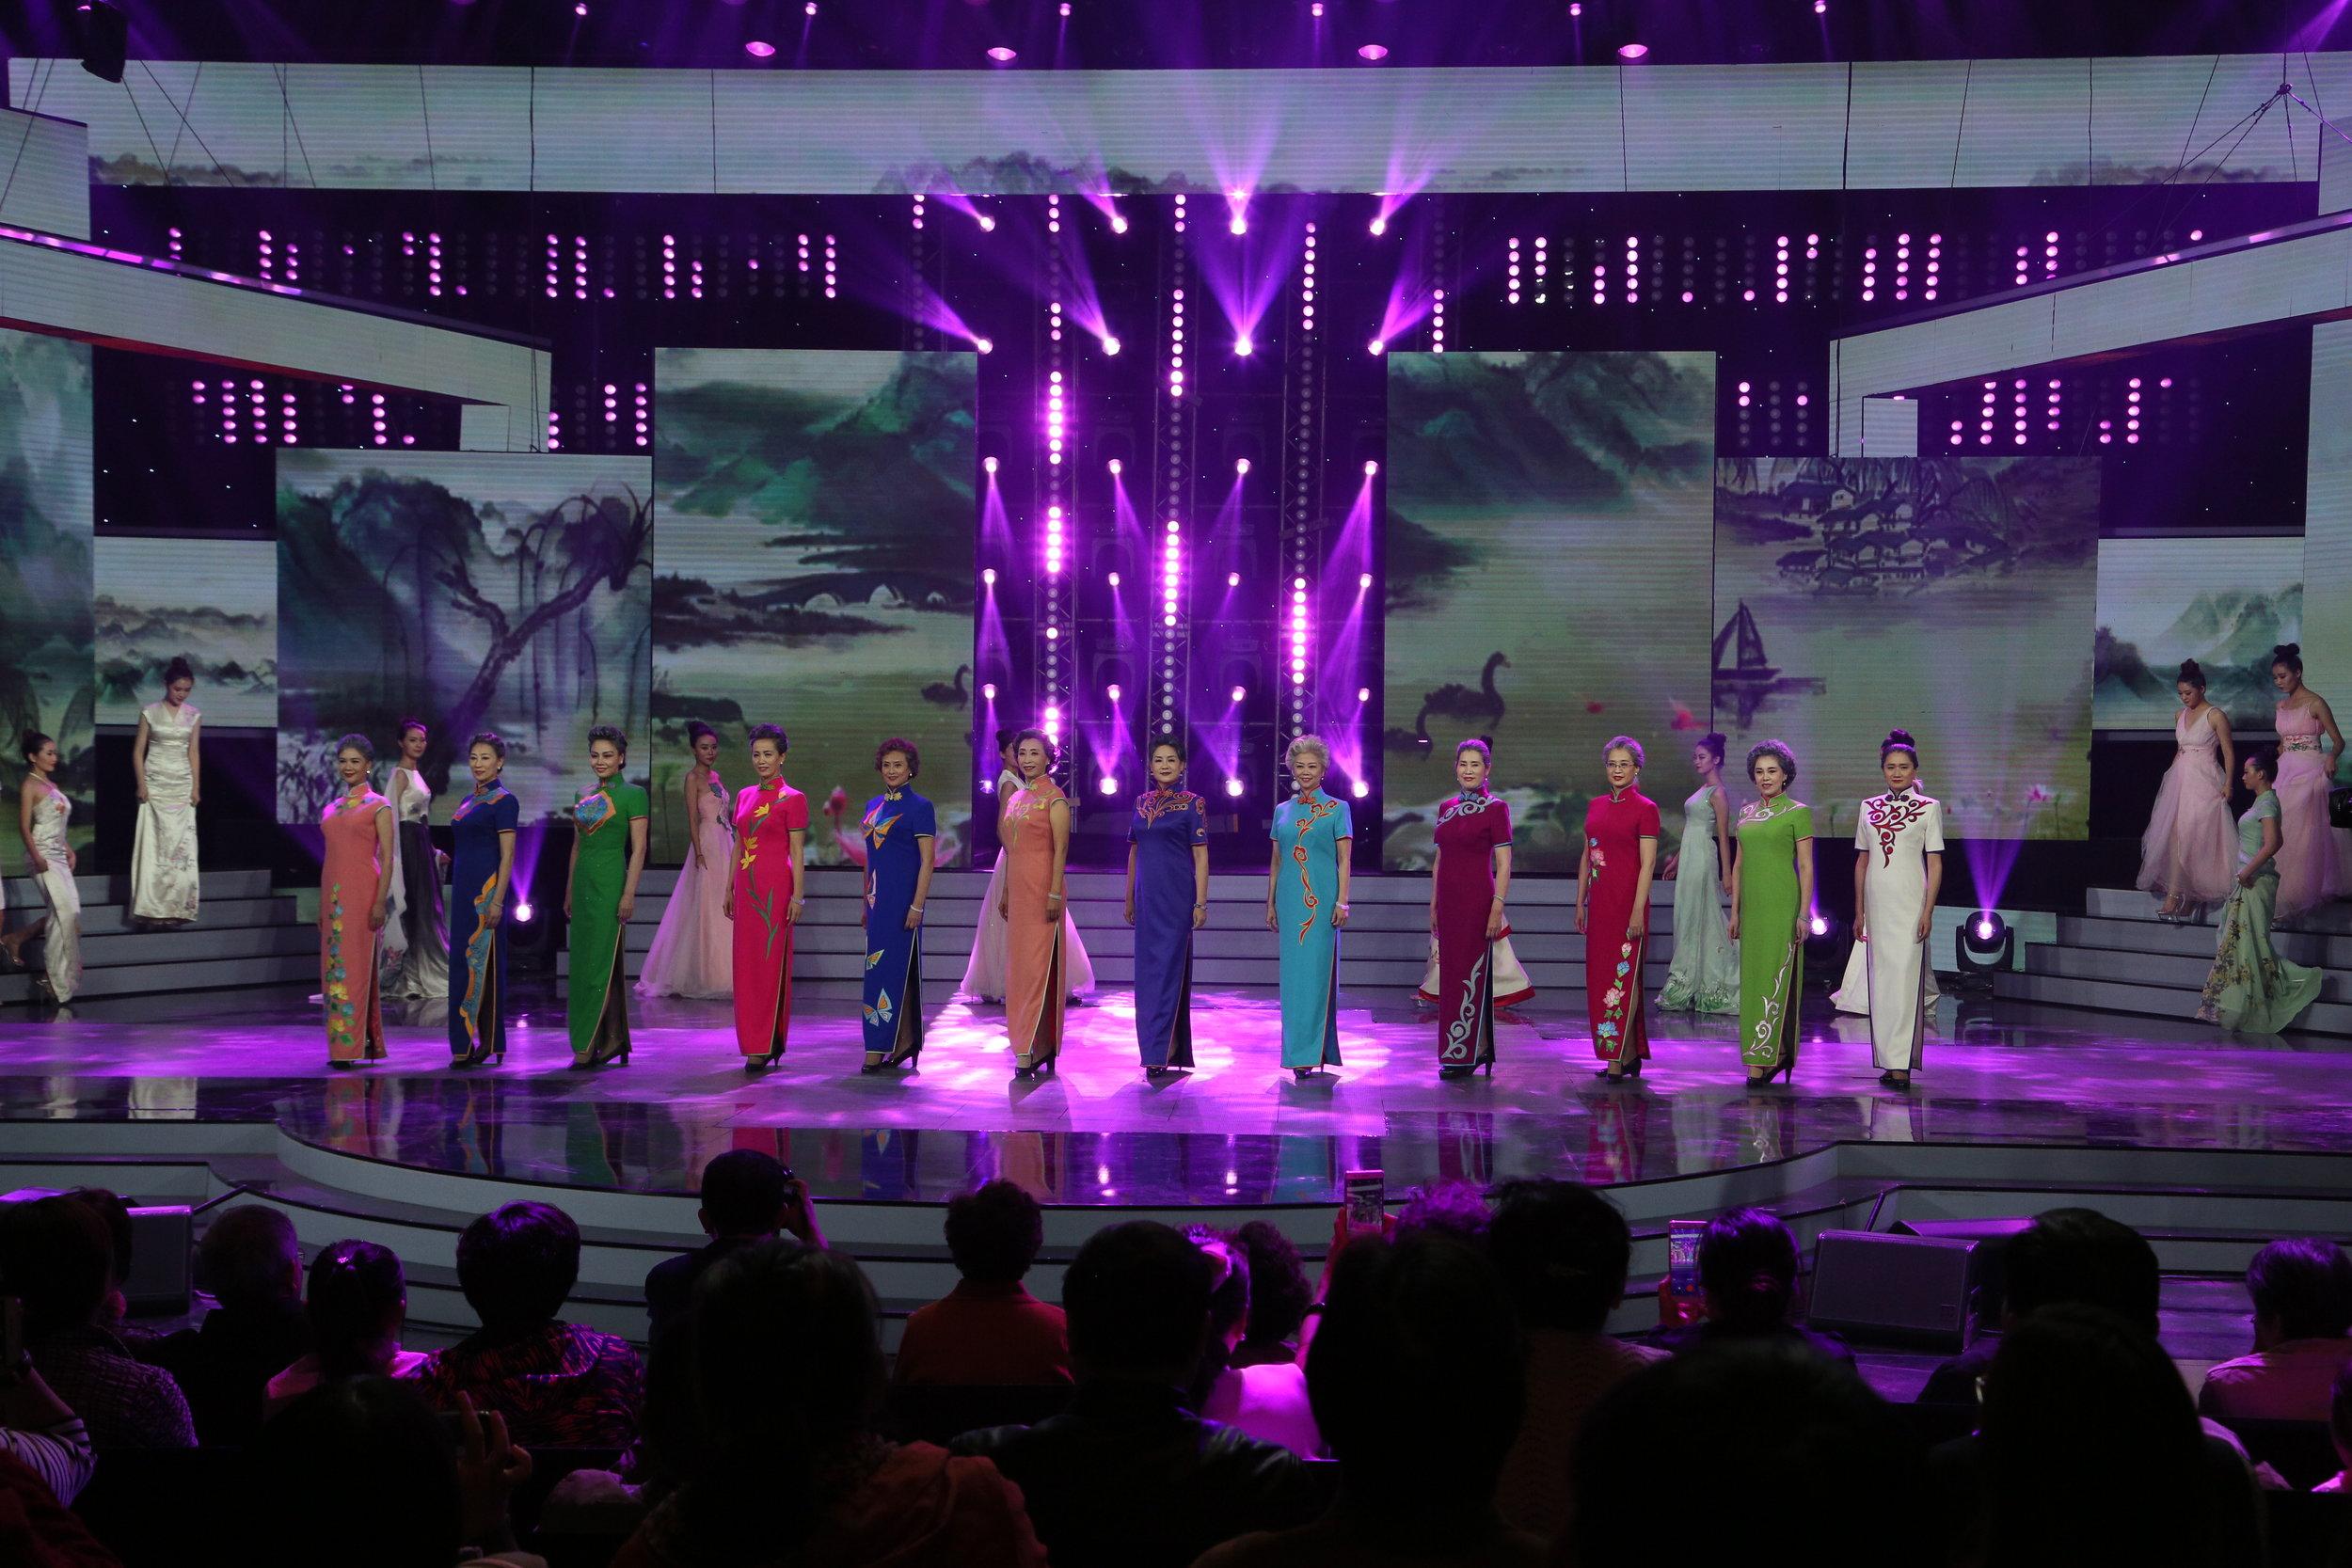 2016重阳节中央台02-2.JPG